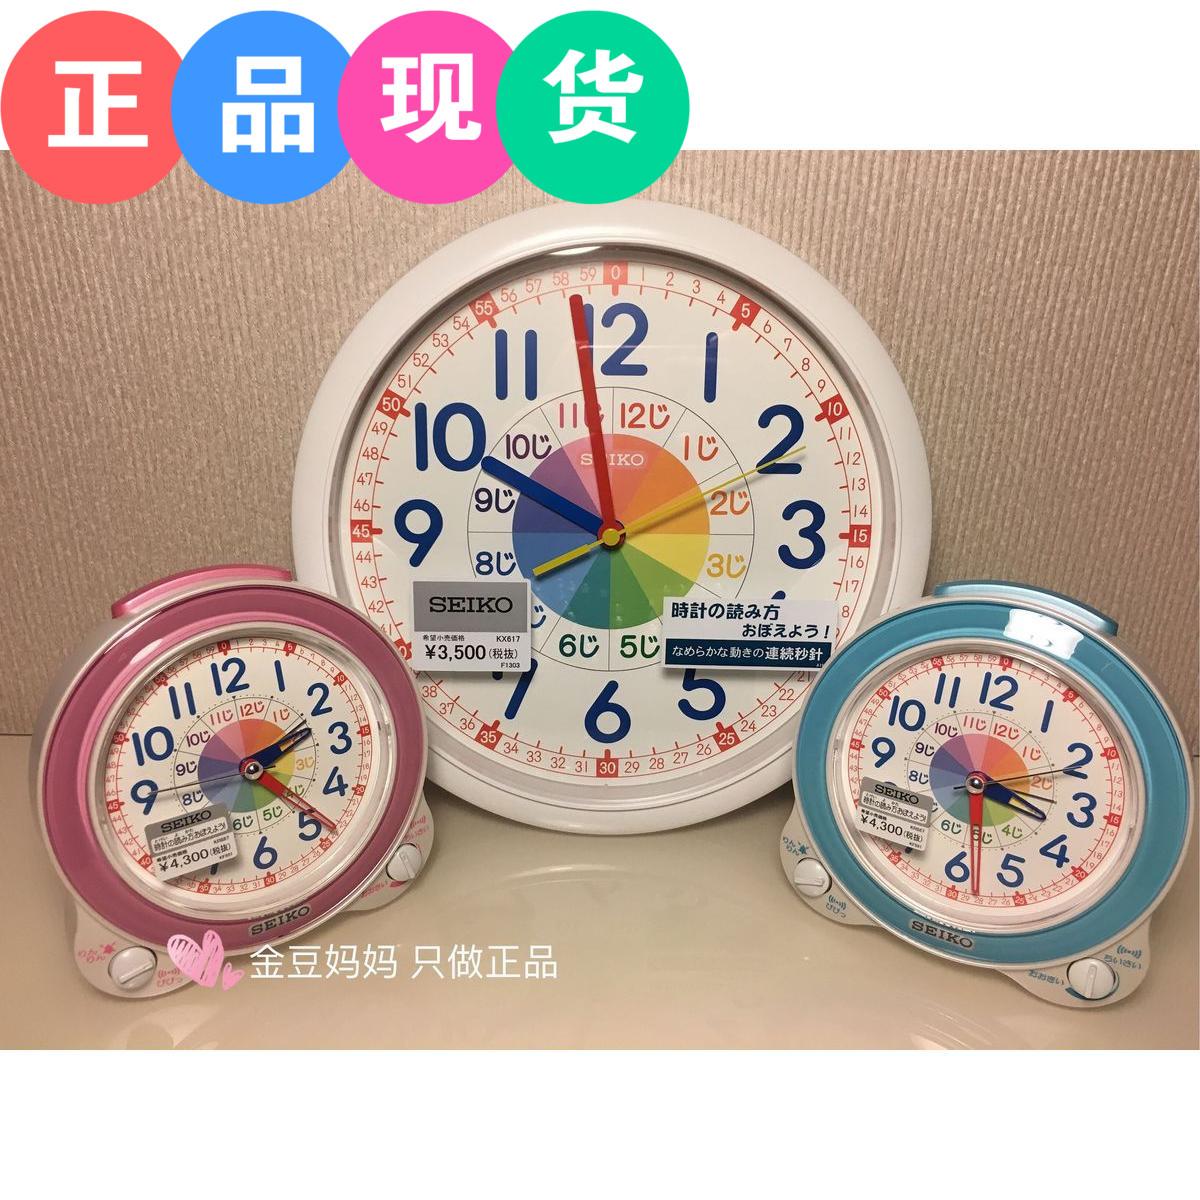 Сейчас в надичии япония seiko seiko (компания) немой пояс серебристые свет жадный сон ребенок познавательный часы будильник студент настенные часы